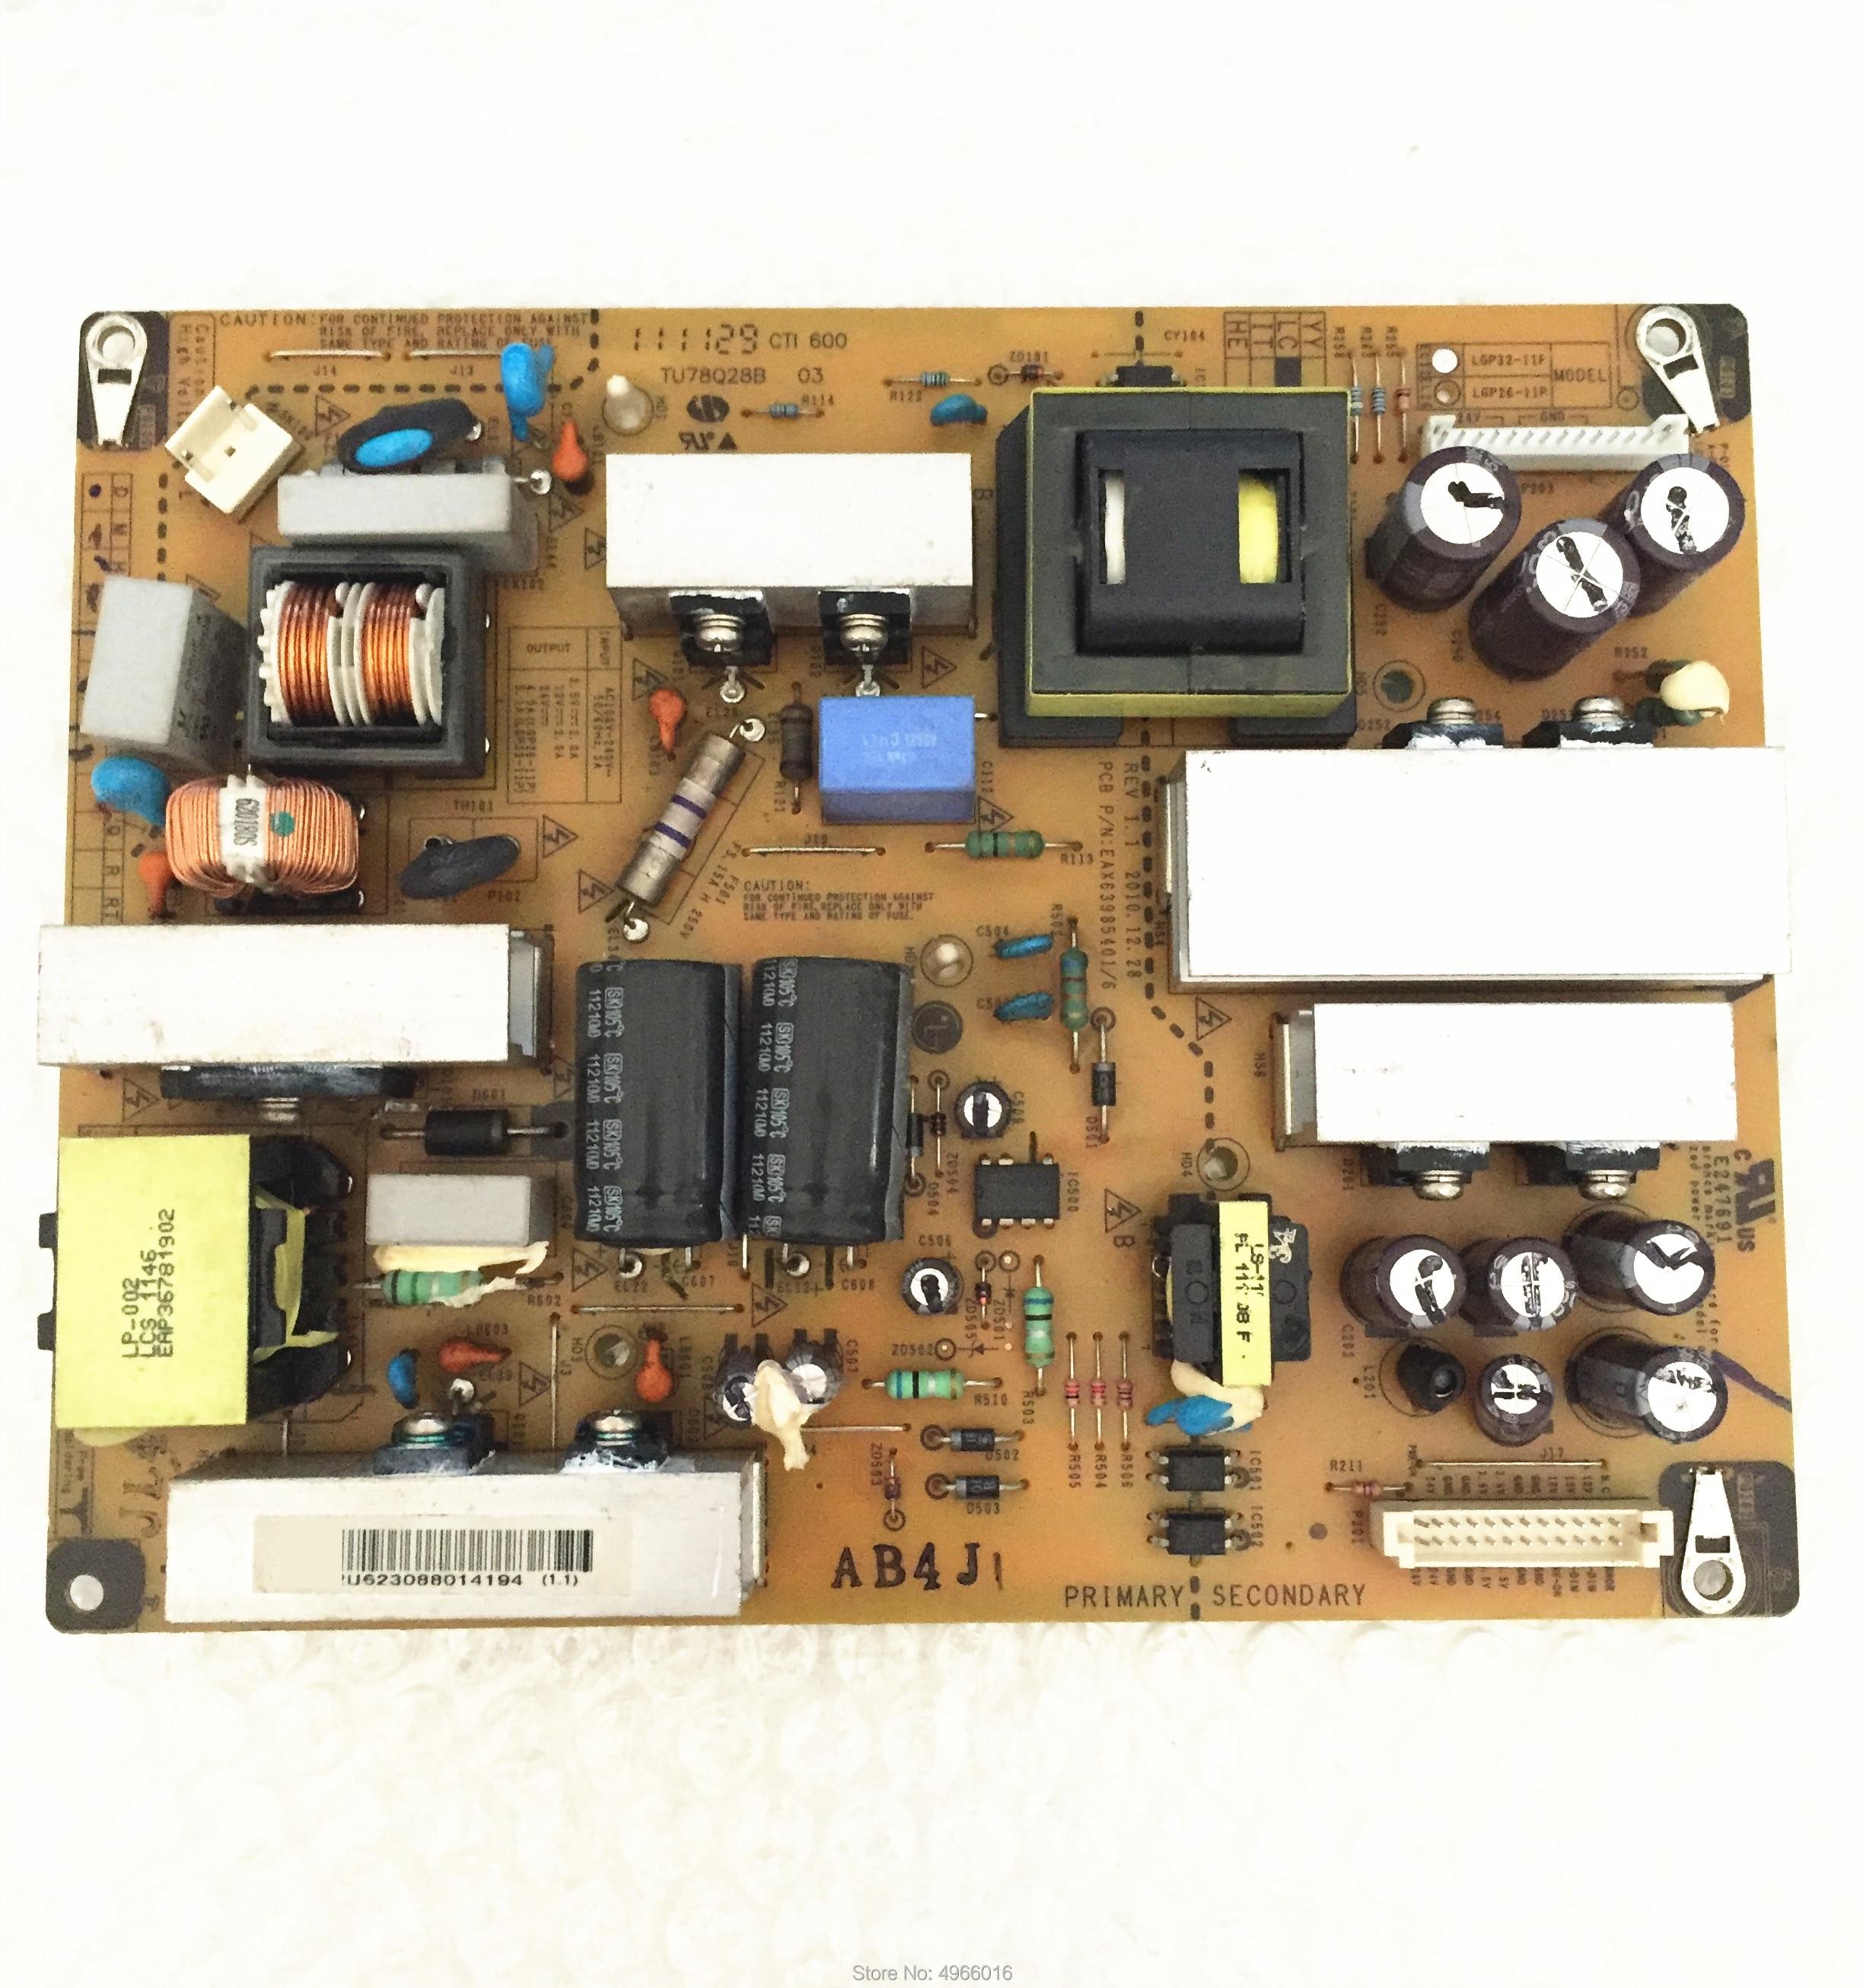 Begeistert Original 32ld325c 32ld310 Power Board Lgp32-11p Eax63985401 Dj Ausrüstung Zubehör Kaufe Eins Dj Ausrüstung Und Zubehör Bekomme Eins Gratis Professionelle Audiogeräte